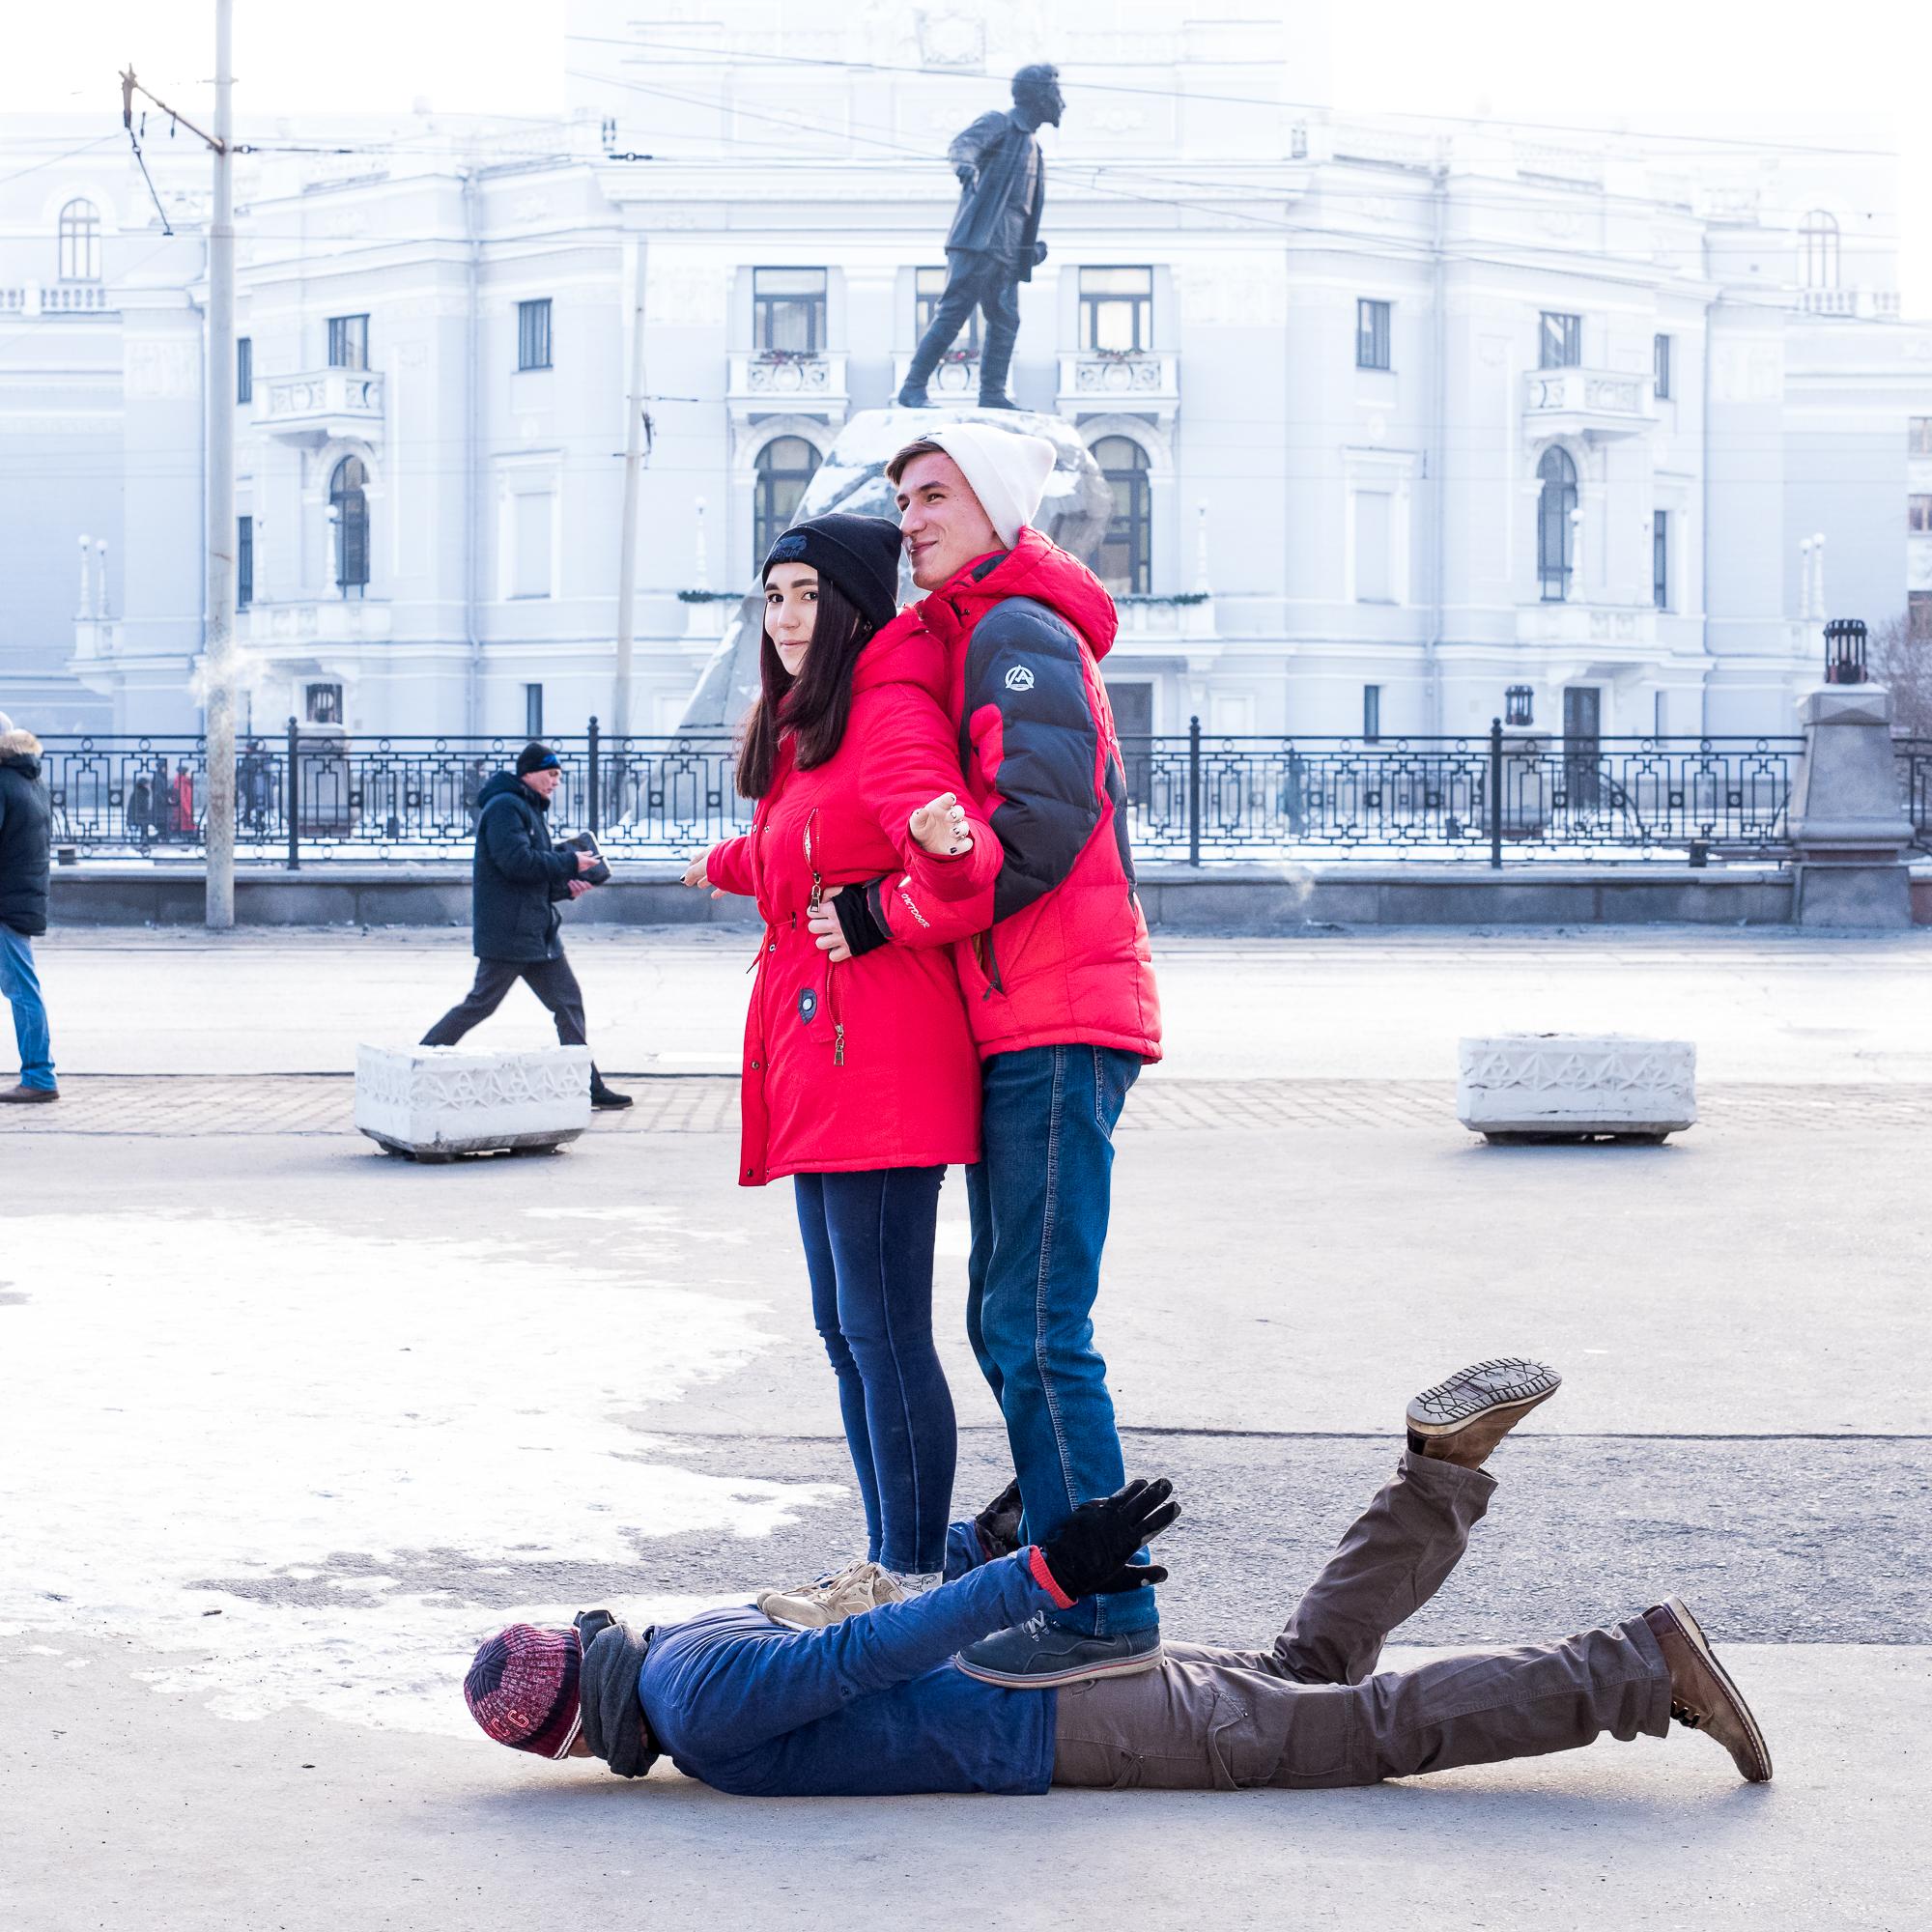 Yekaterinburg_Russia_-6,6°C